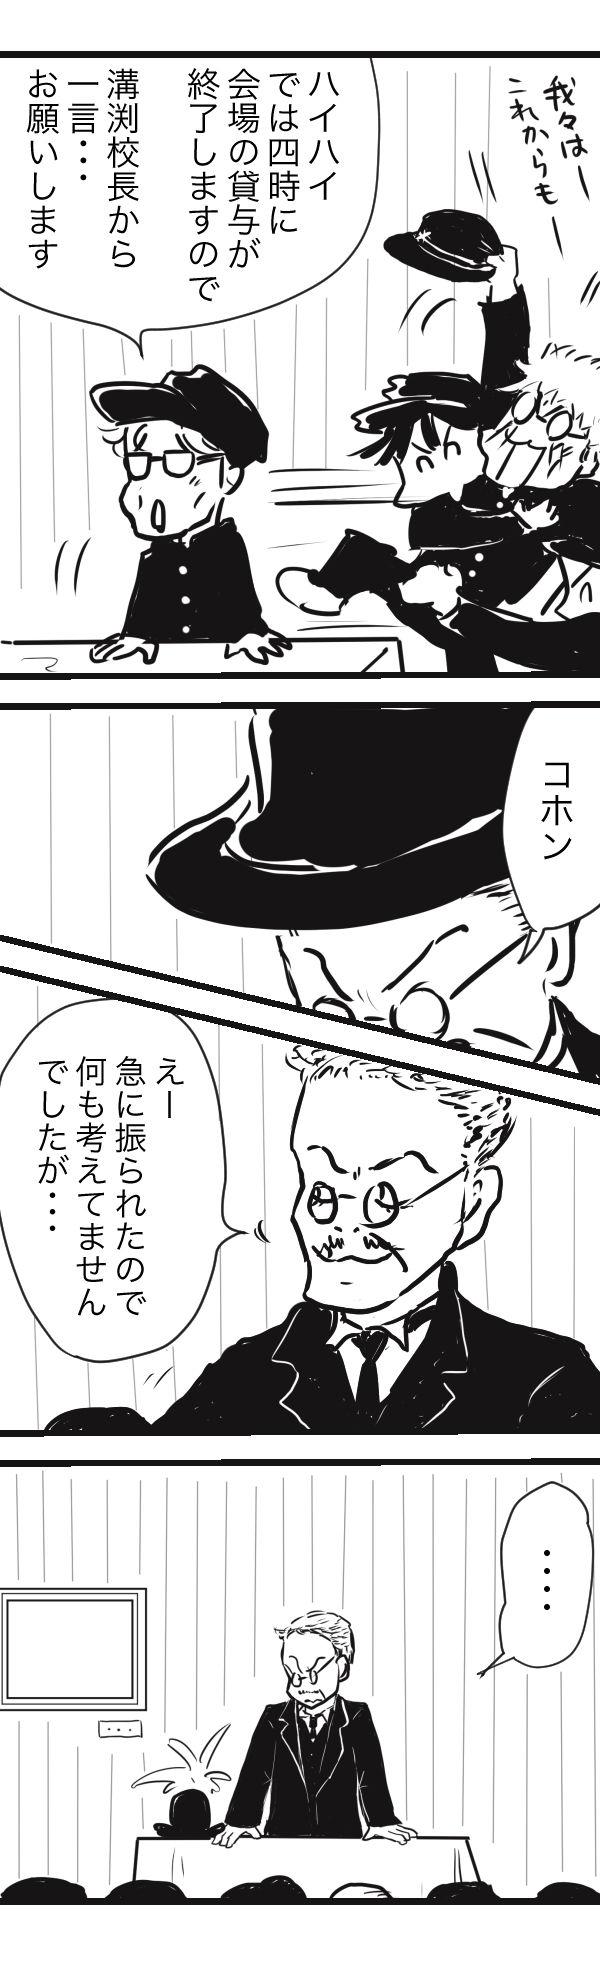 山田 金沢10−4−1